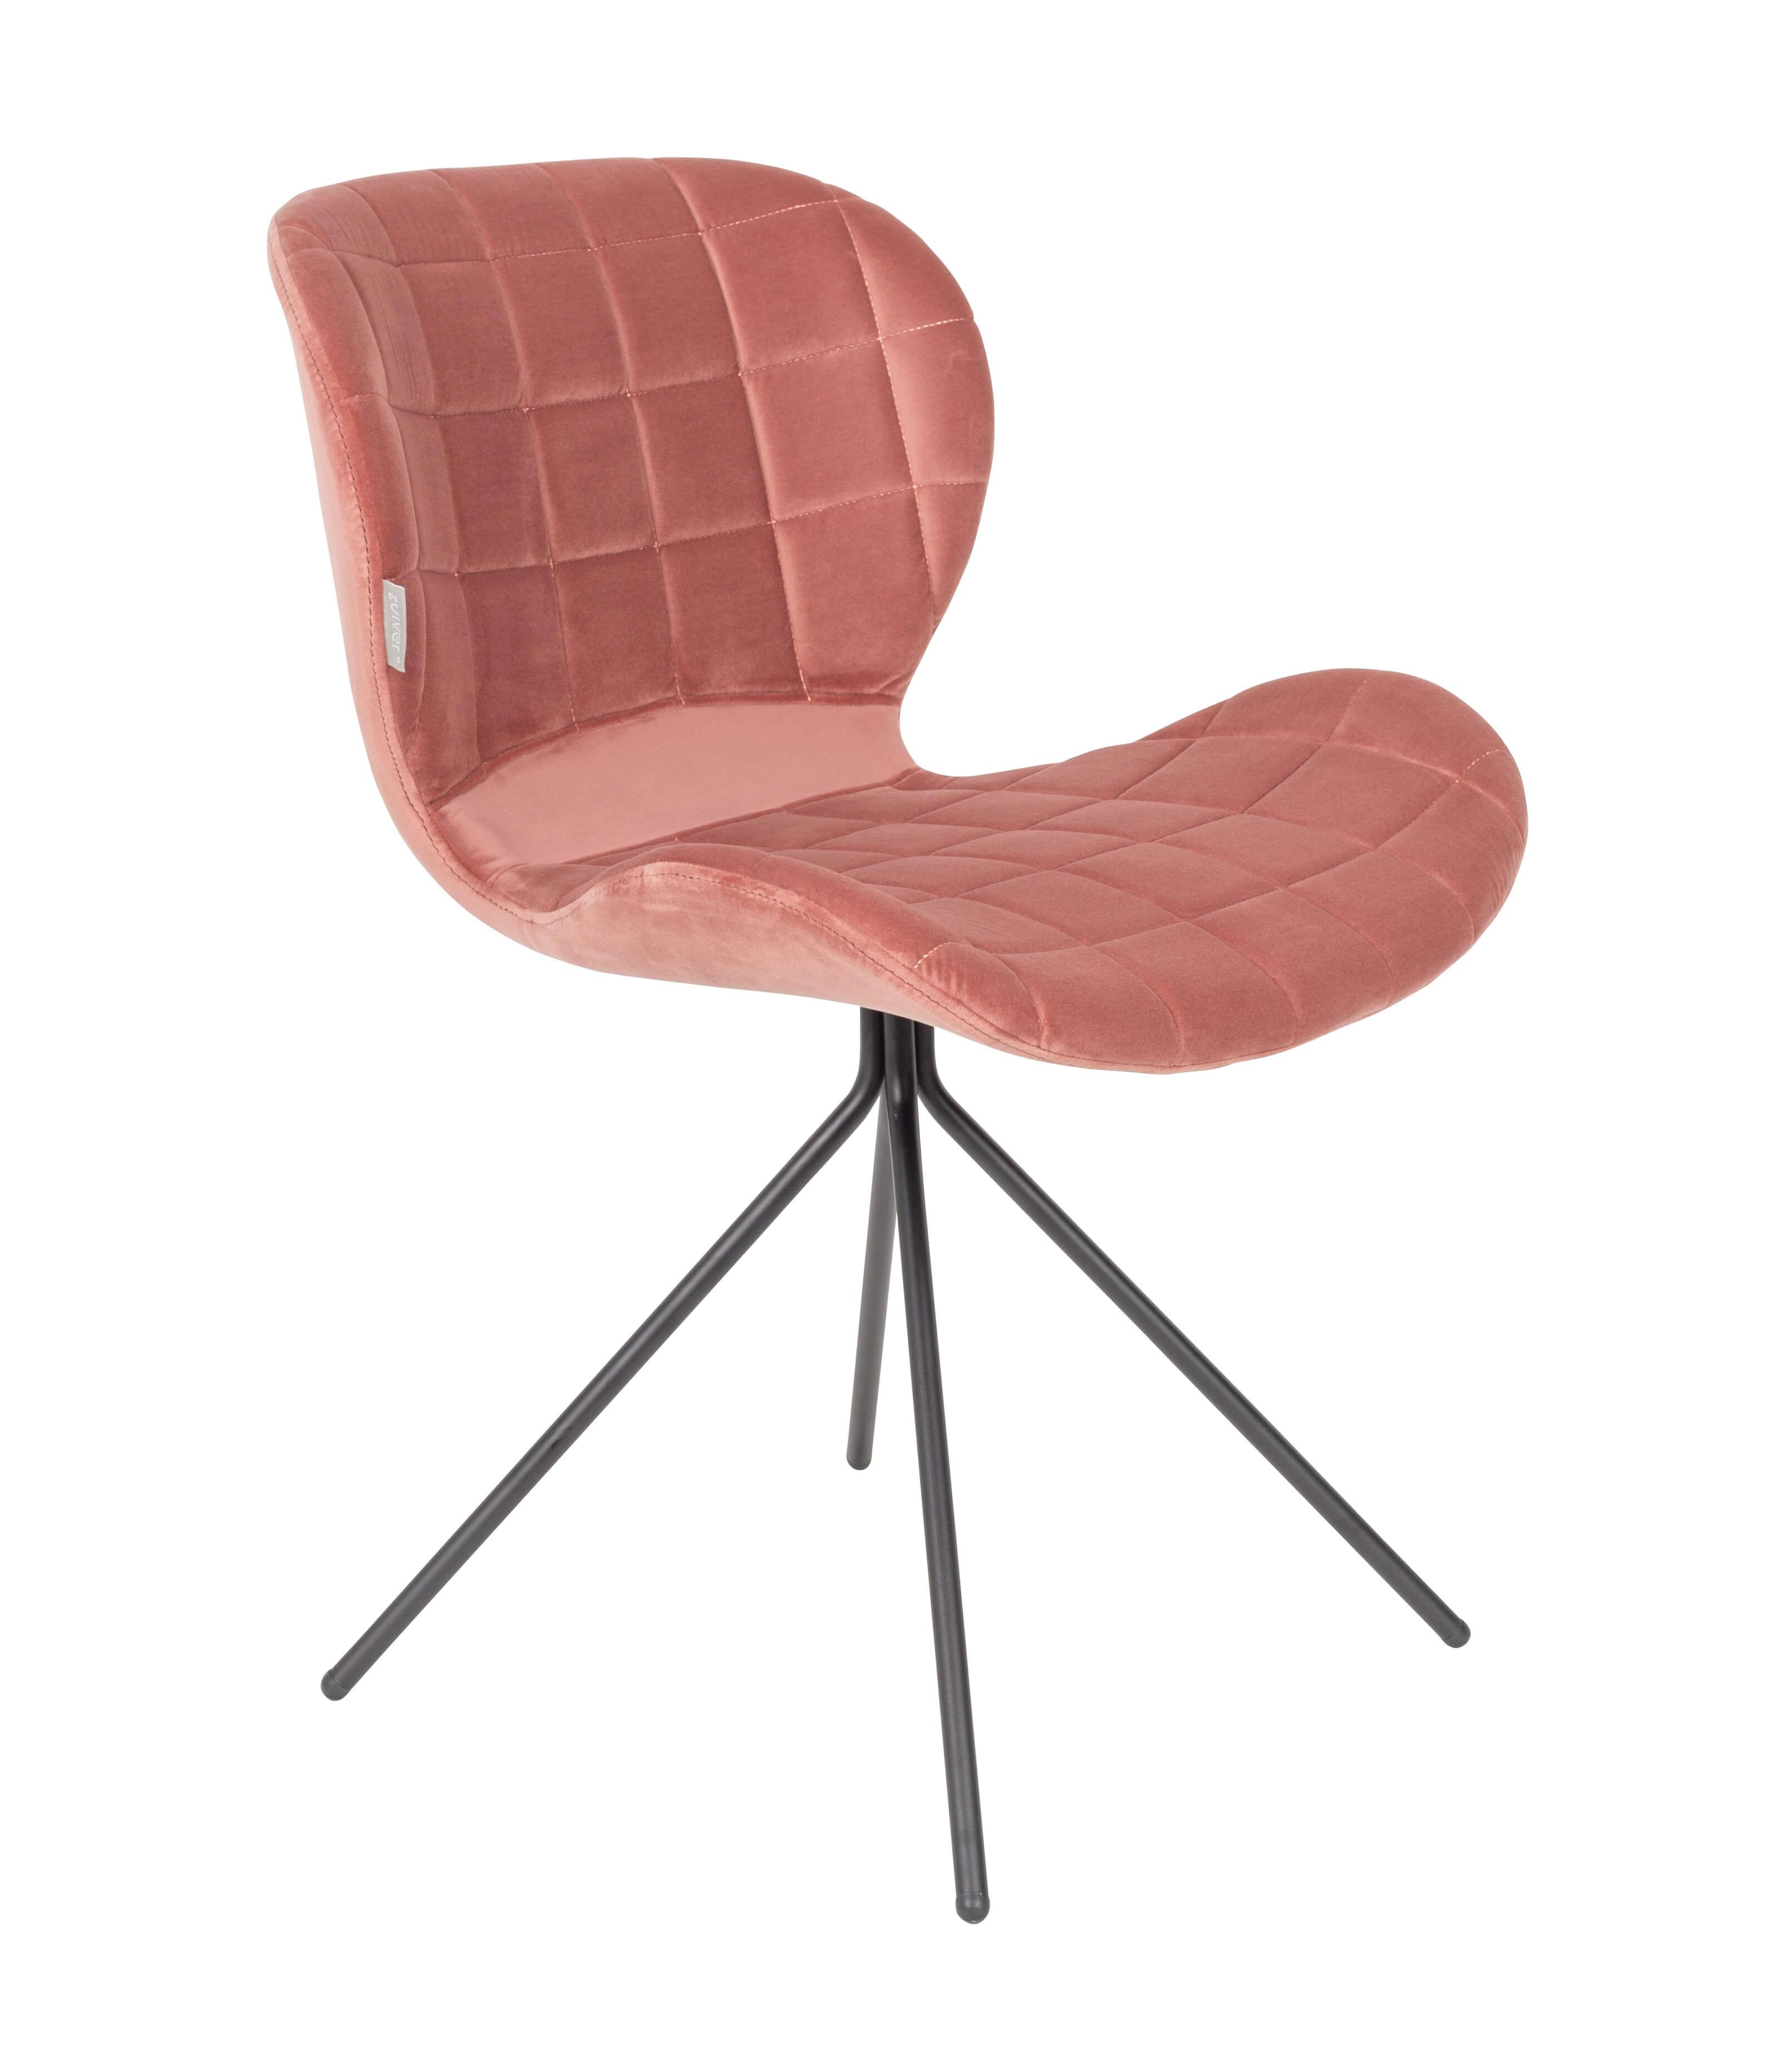 Chaise design en velours rose